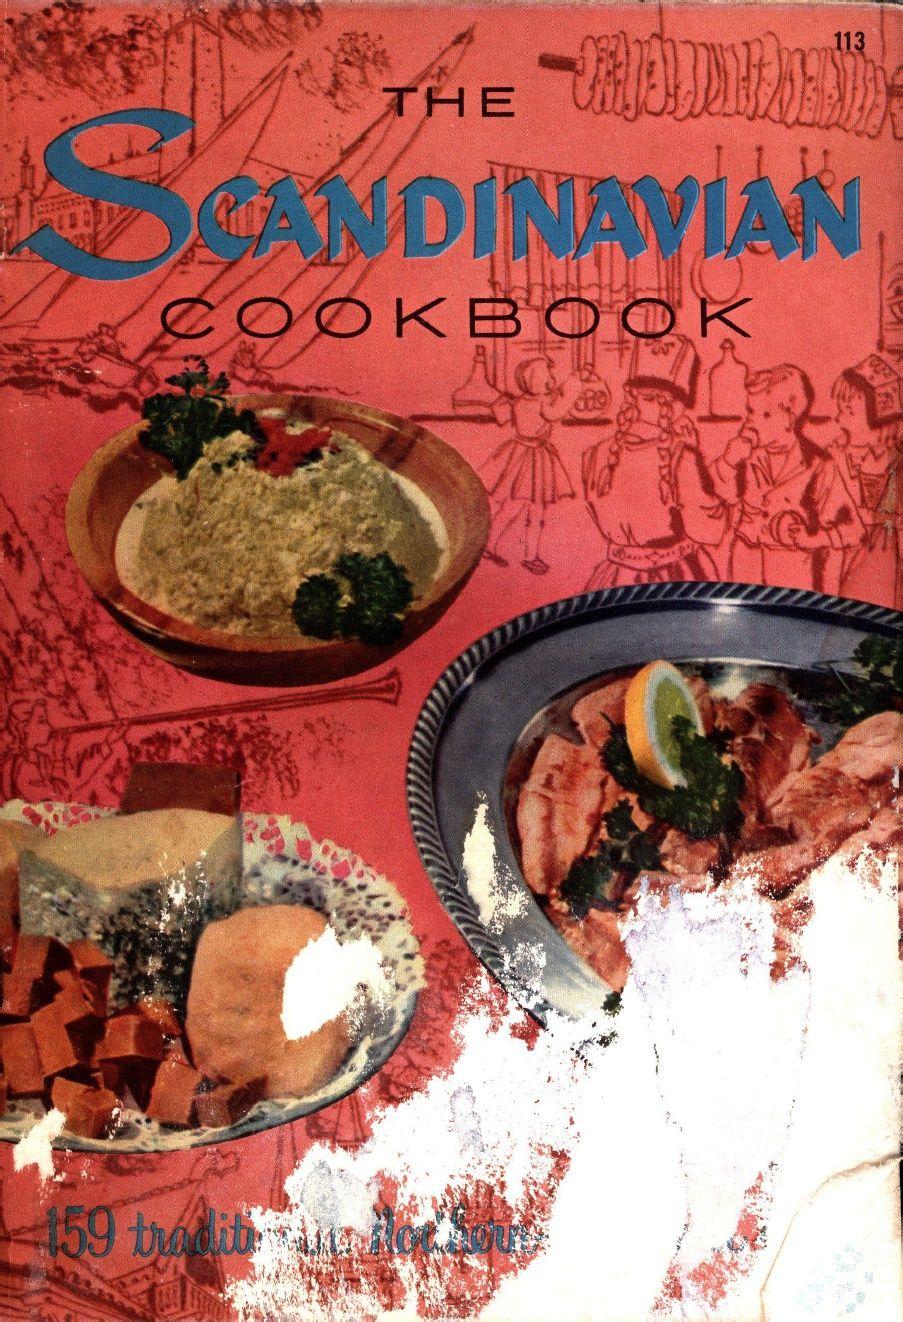 Scandinavian Cookbook Culinary Arts Institute 1956 Culinary Art Institute Wine Recipes Food